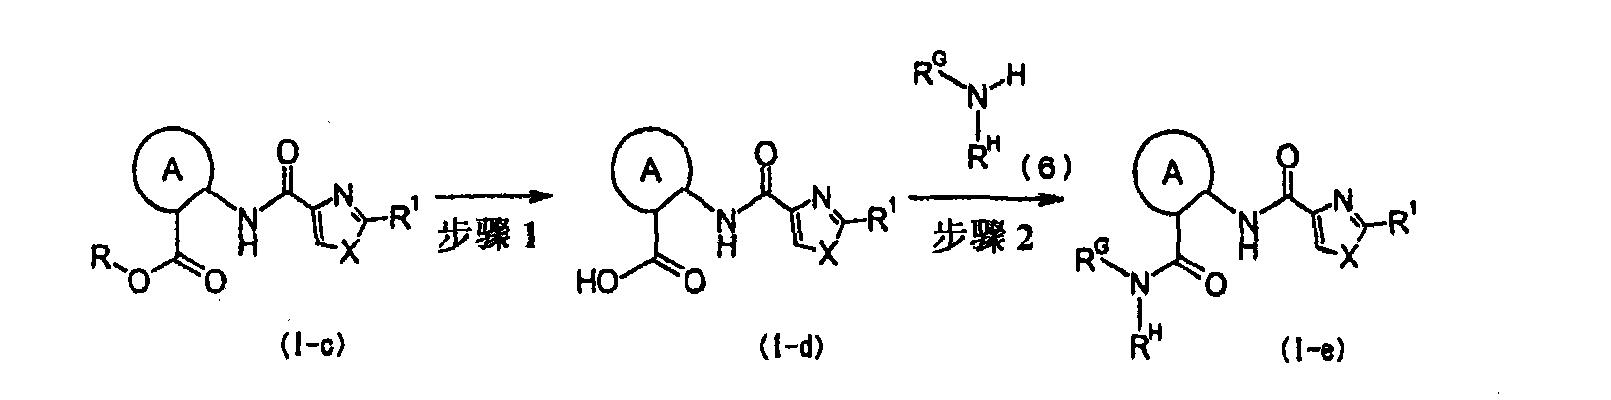 Figure CN101835764BD00201